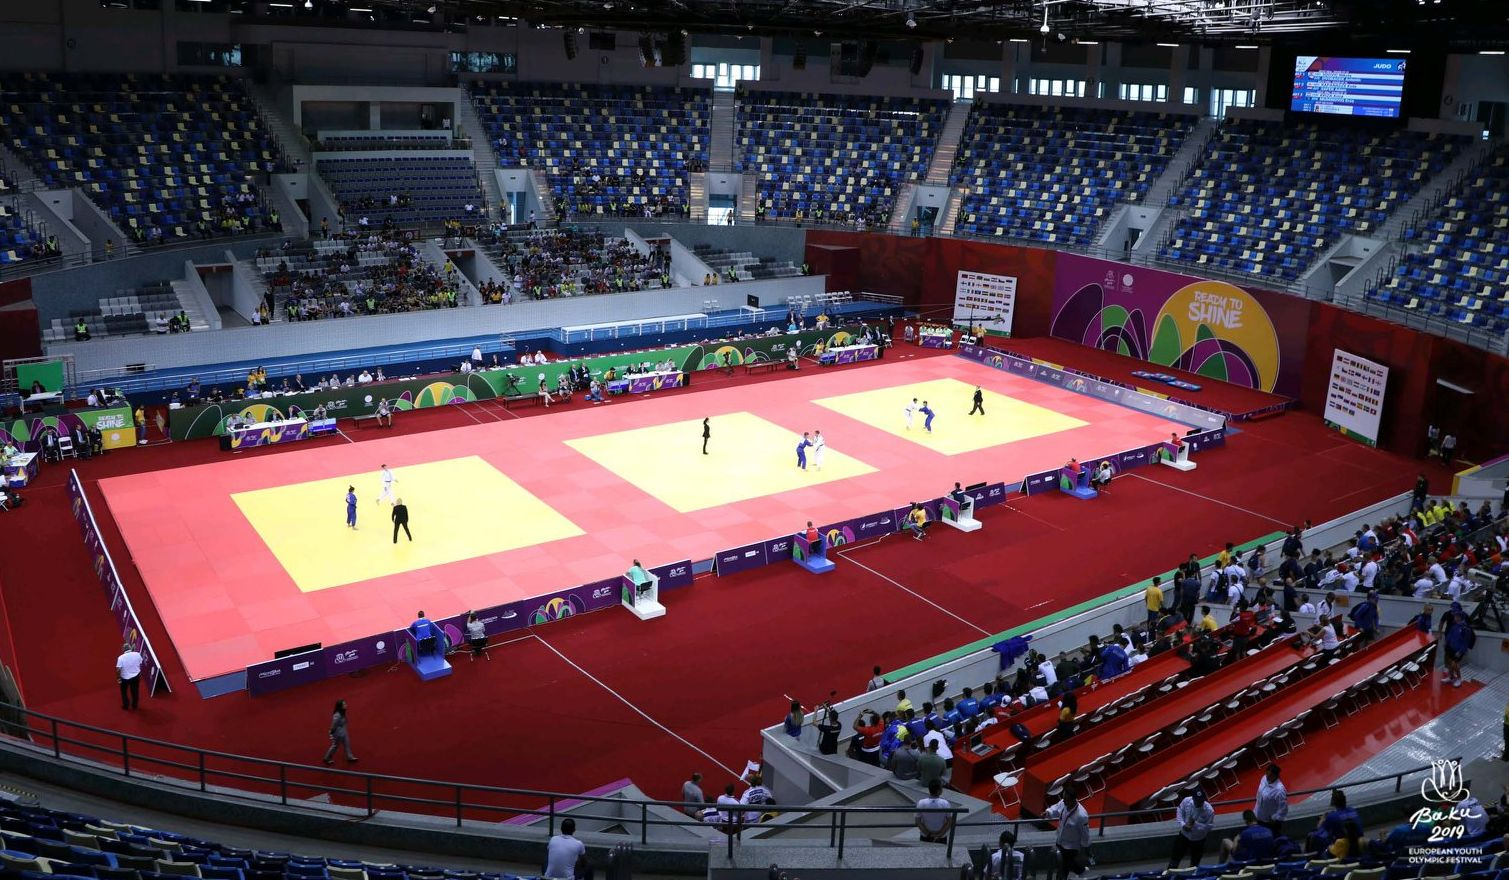 JudoInside - News - Turkey grabs gold at EYOF Mixed team event